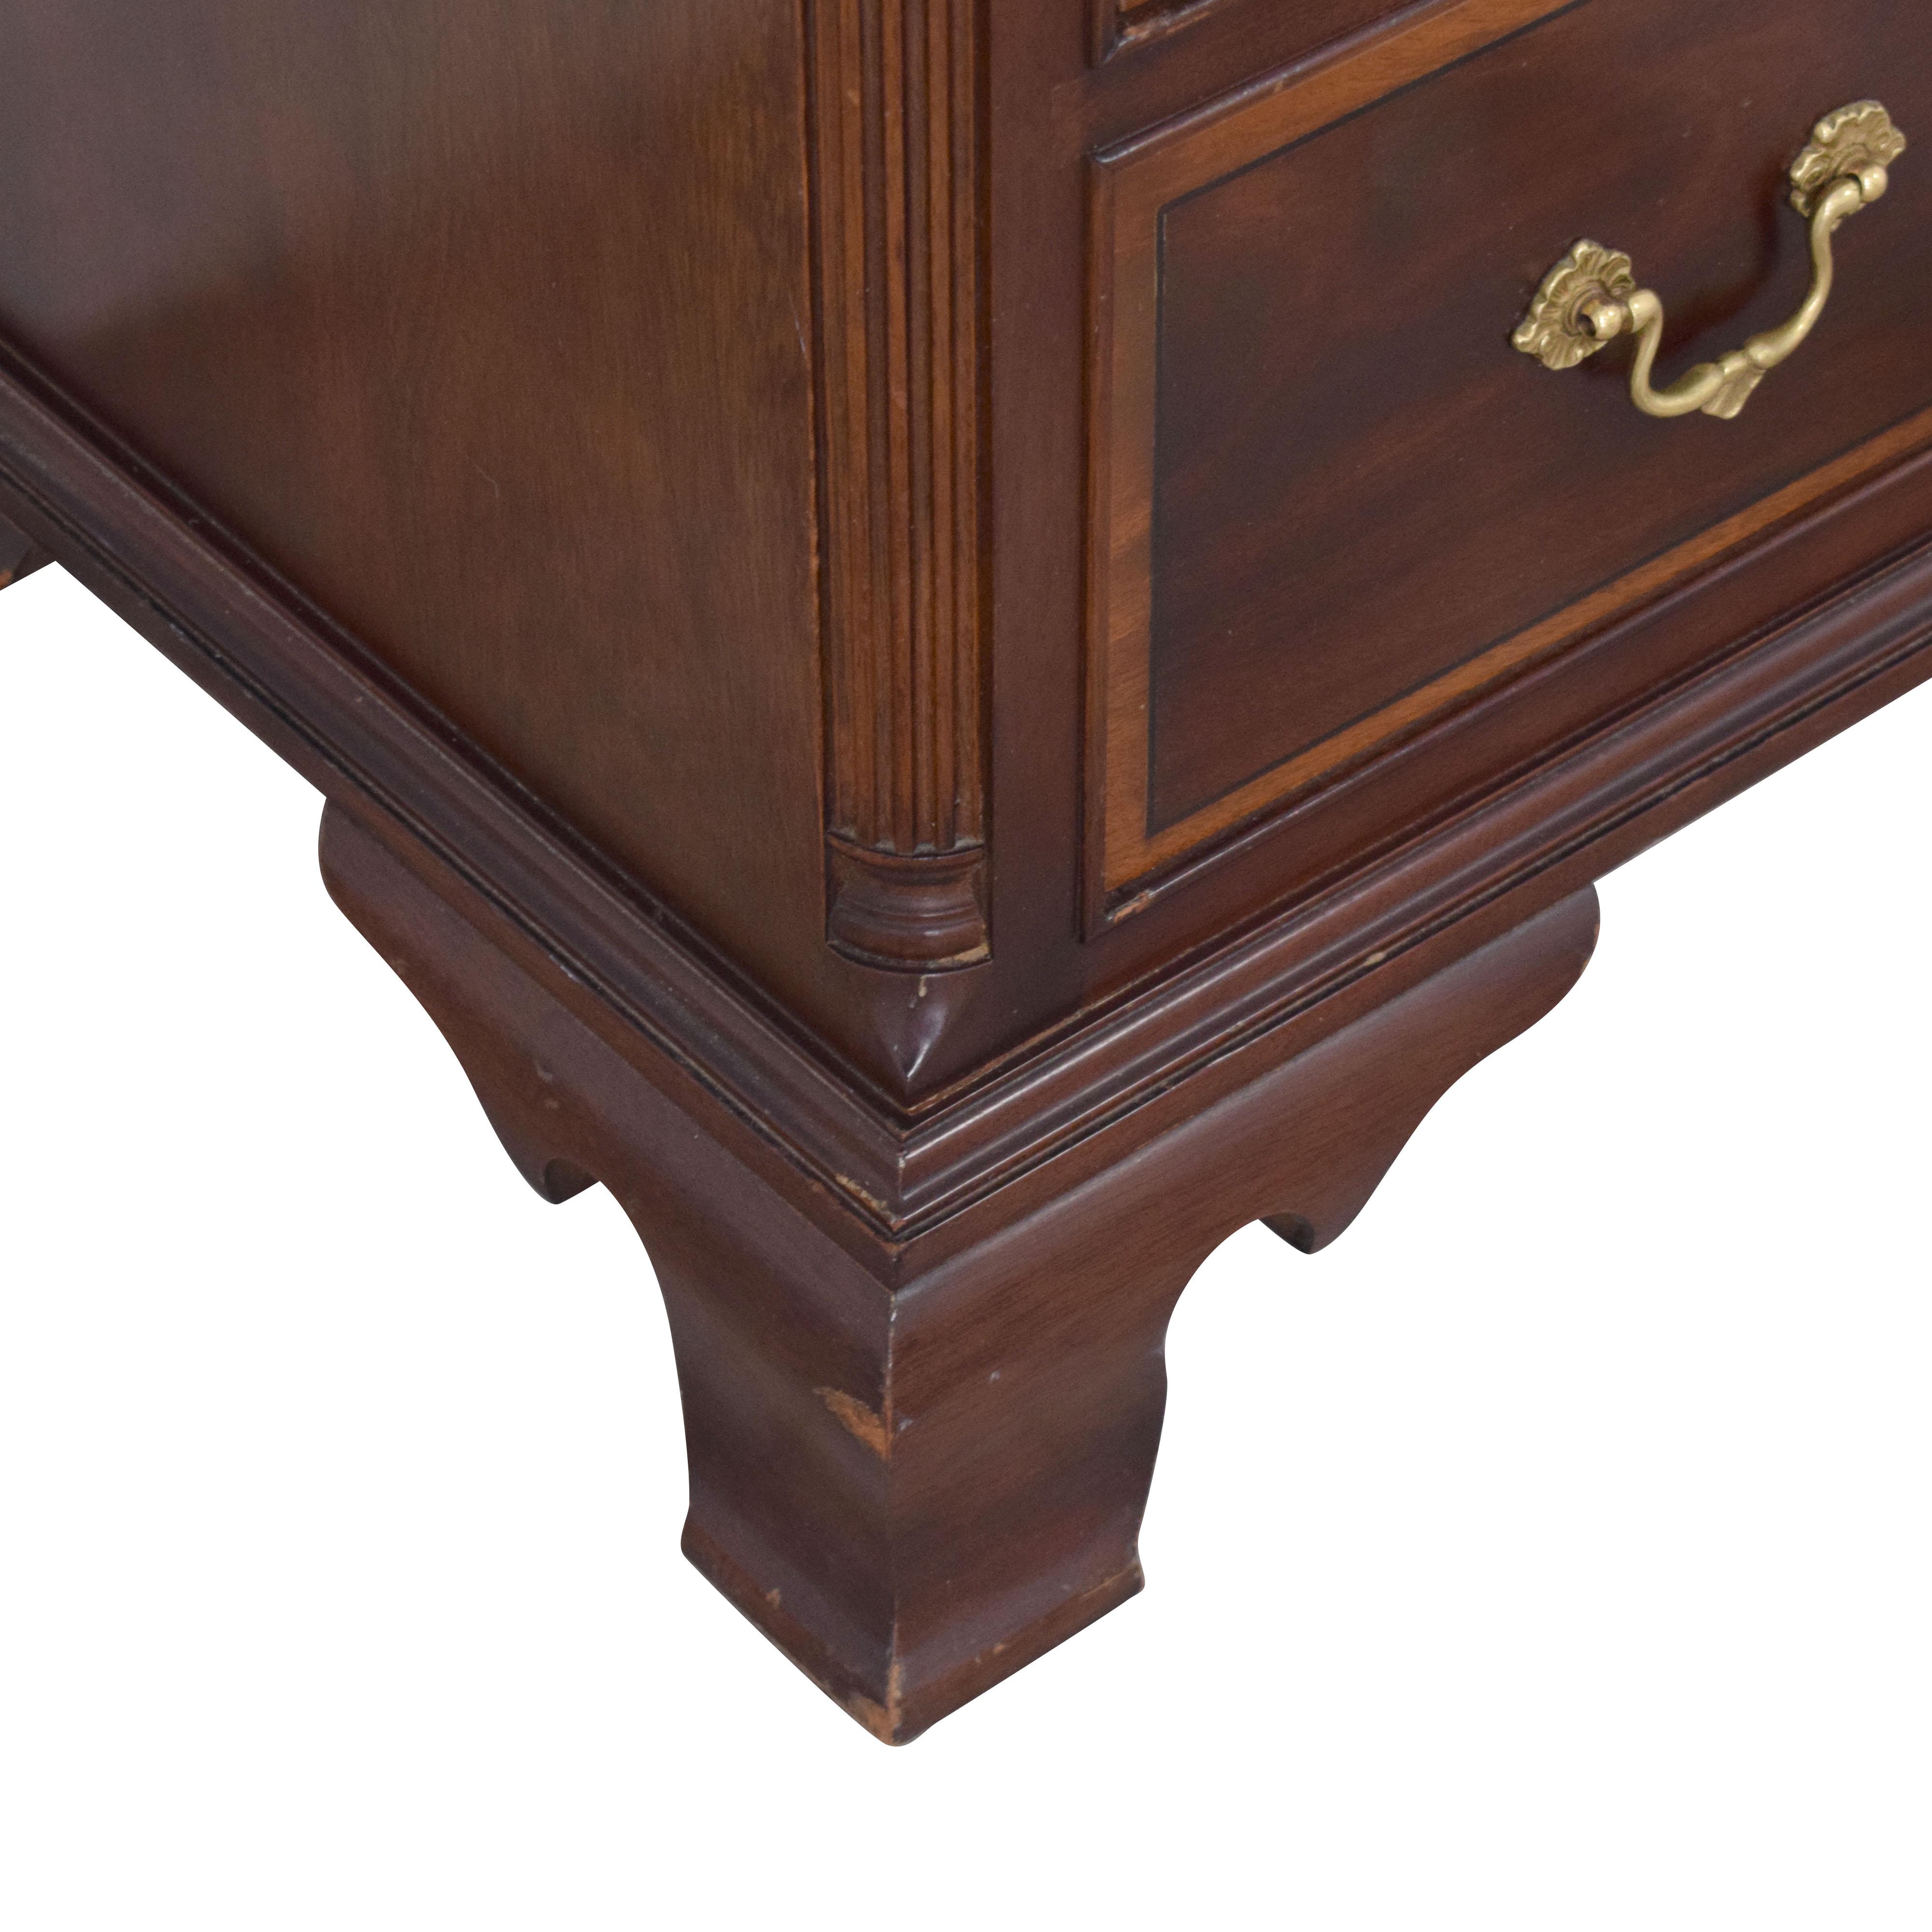 Stickley Furniture Stickley Furniture Armiore Storage